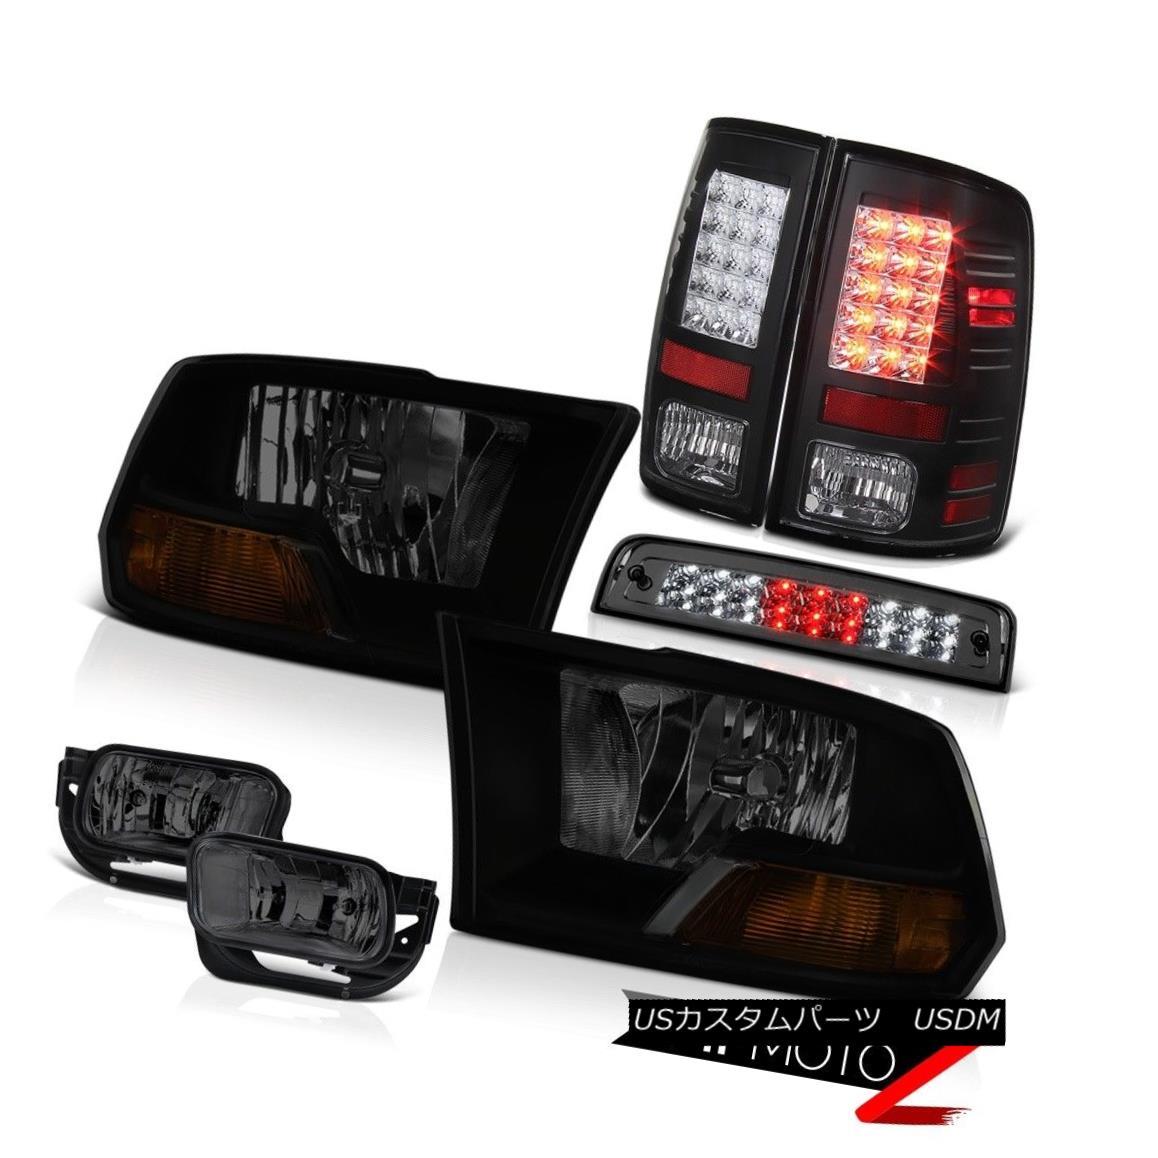 テールライト 2010-2018 Dodge Ram 3500 SLT Foglights Roof Cargo Light Tail Lamps Headlights 2010-2018 Dodge Ram 3500 SLTフォグライト屋根カーゴライトテールランプヘッドライト